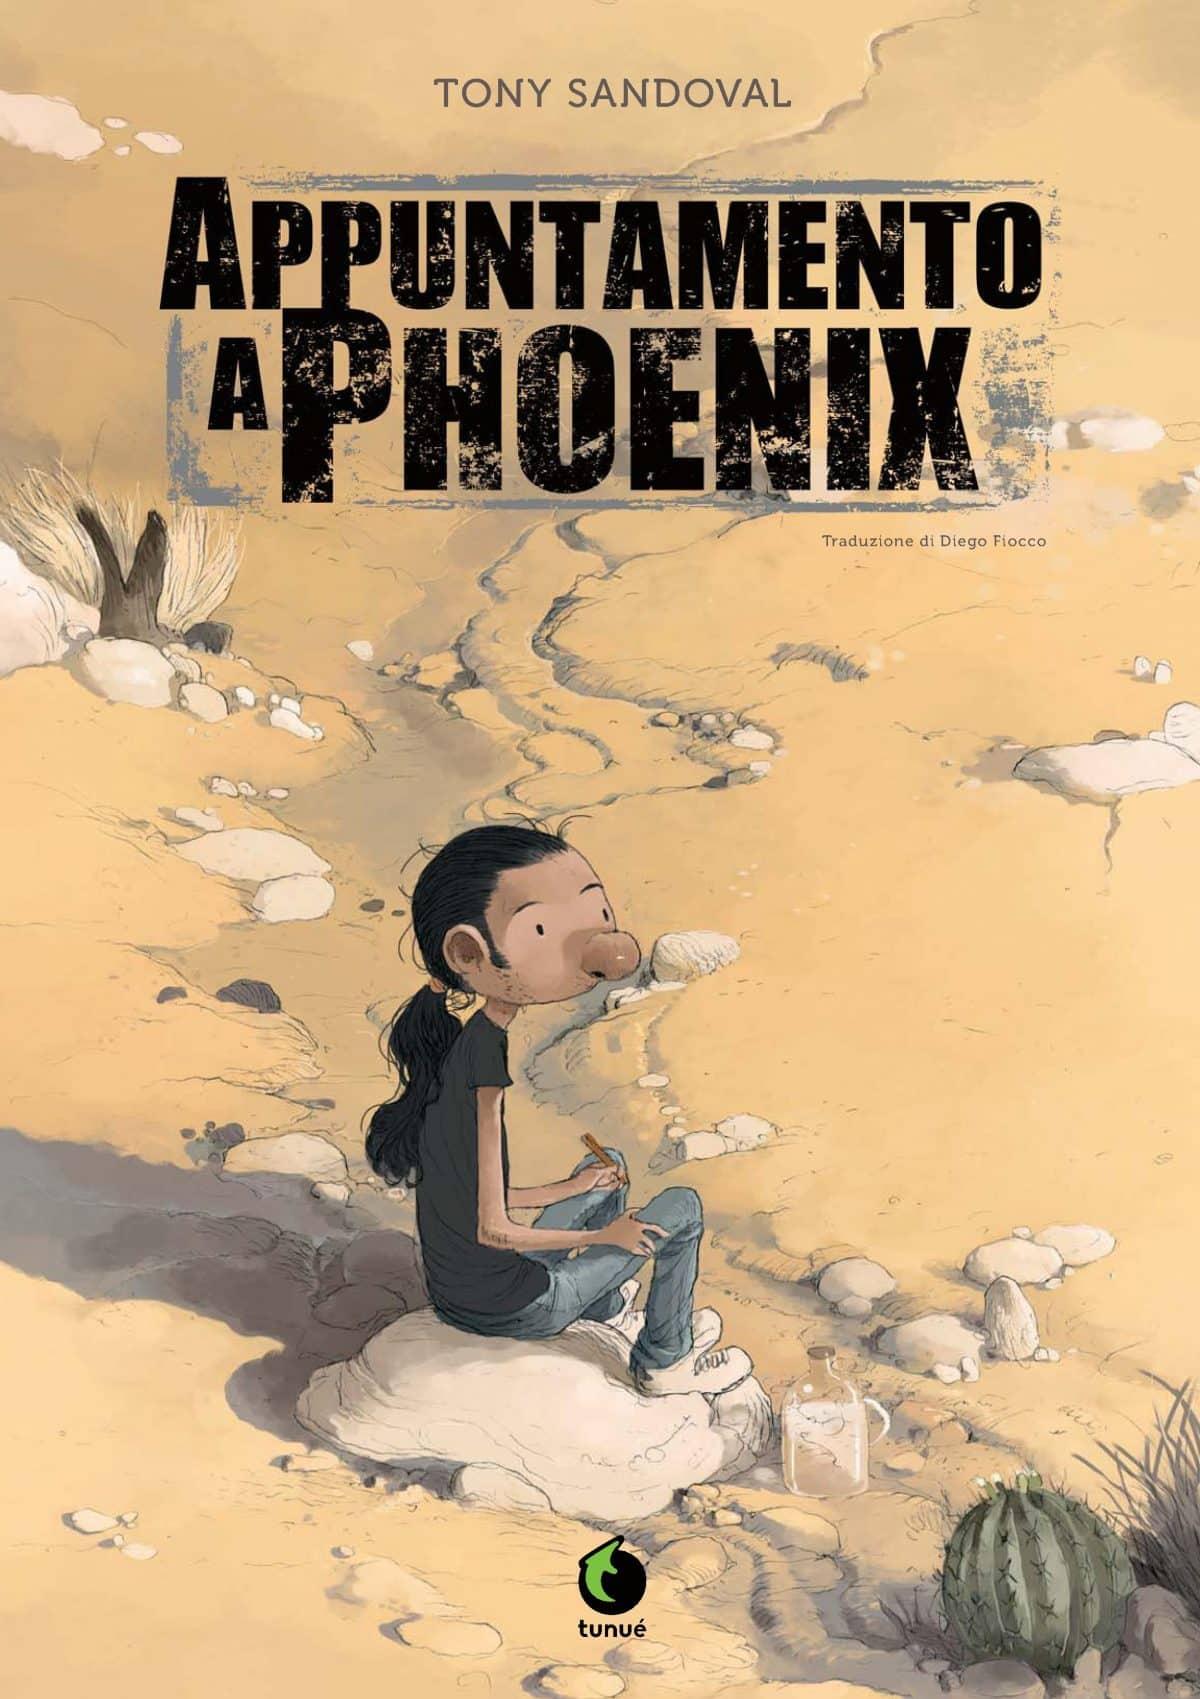 Escursione autobiografica per Tony Sandoval, fumettista gotico